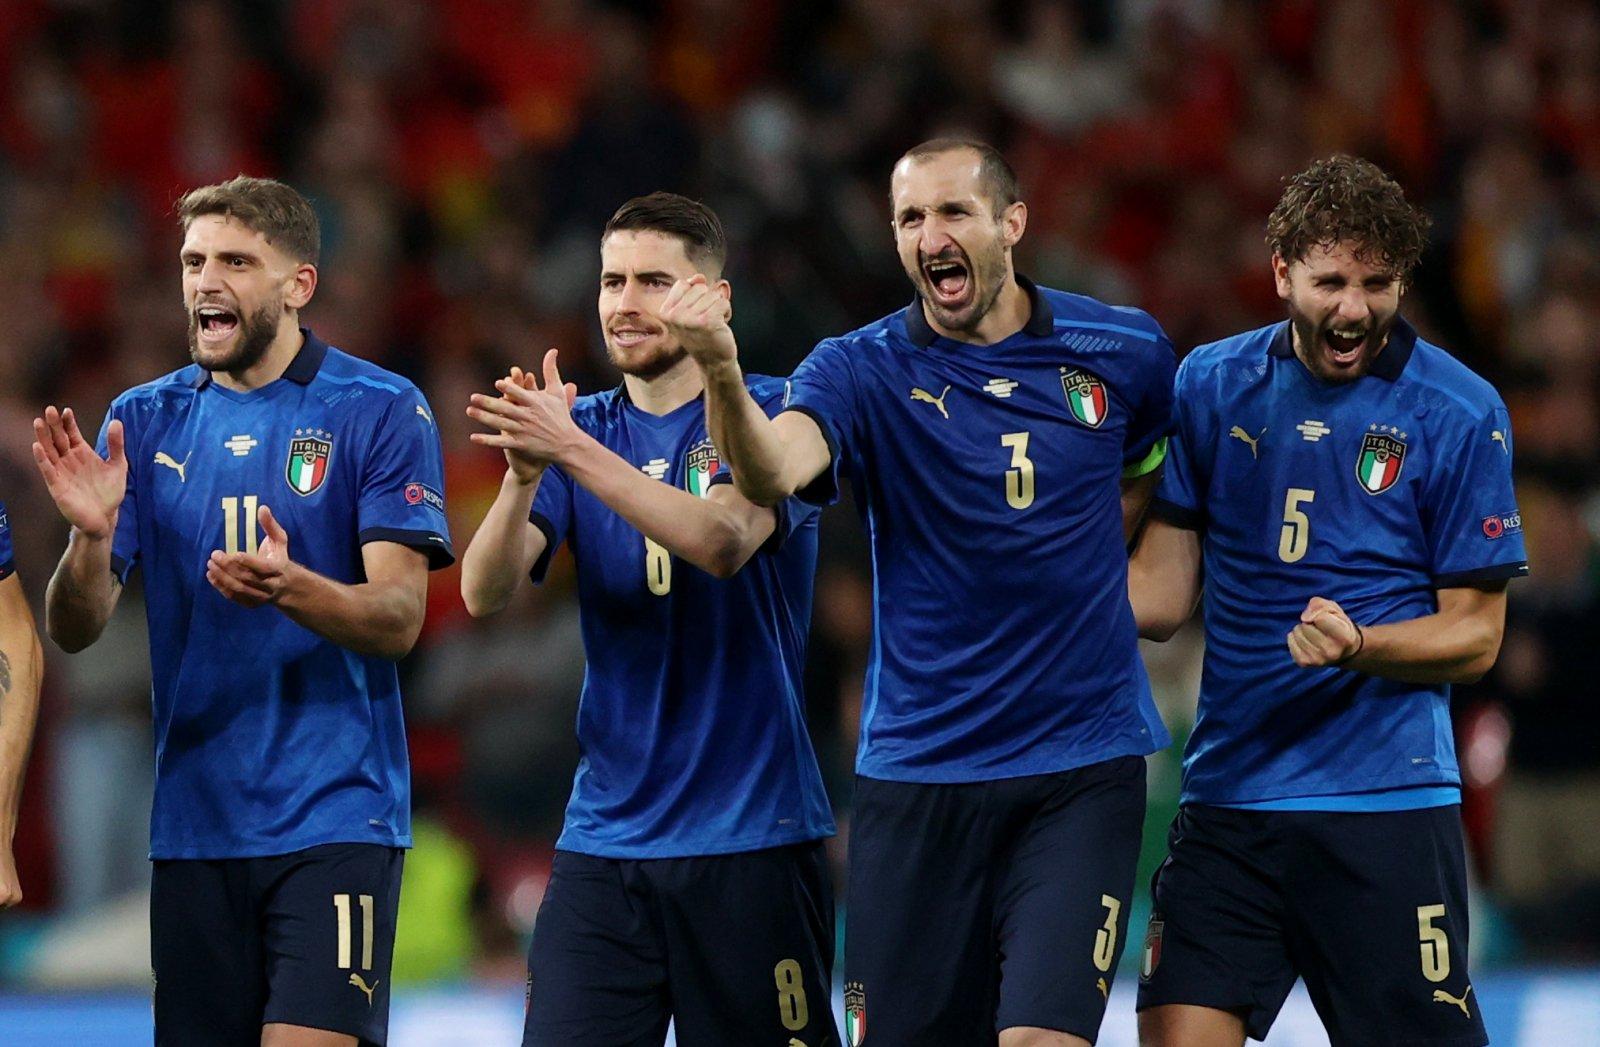 Capello đặt niềm tin ở thế hệ Italy hiện tại. Ảnh: UEFA